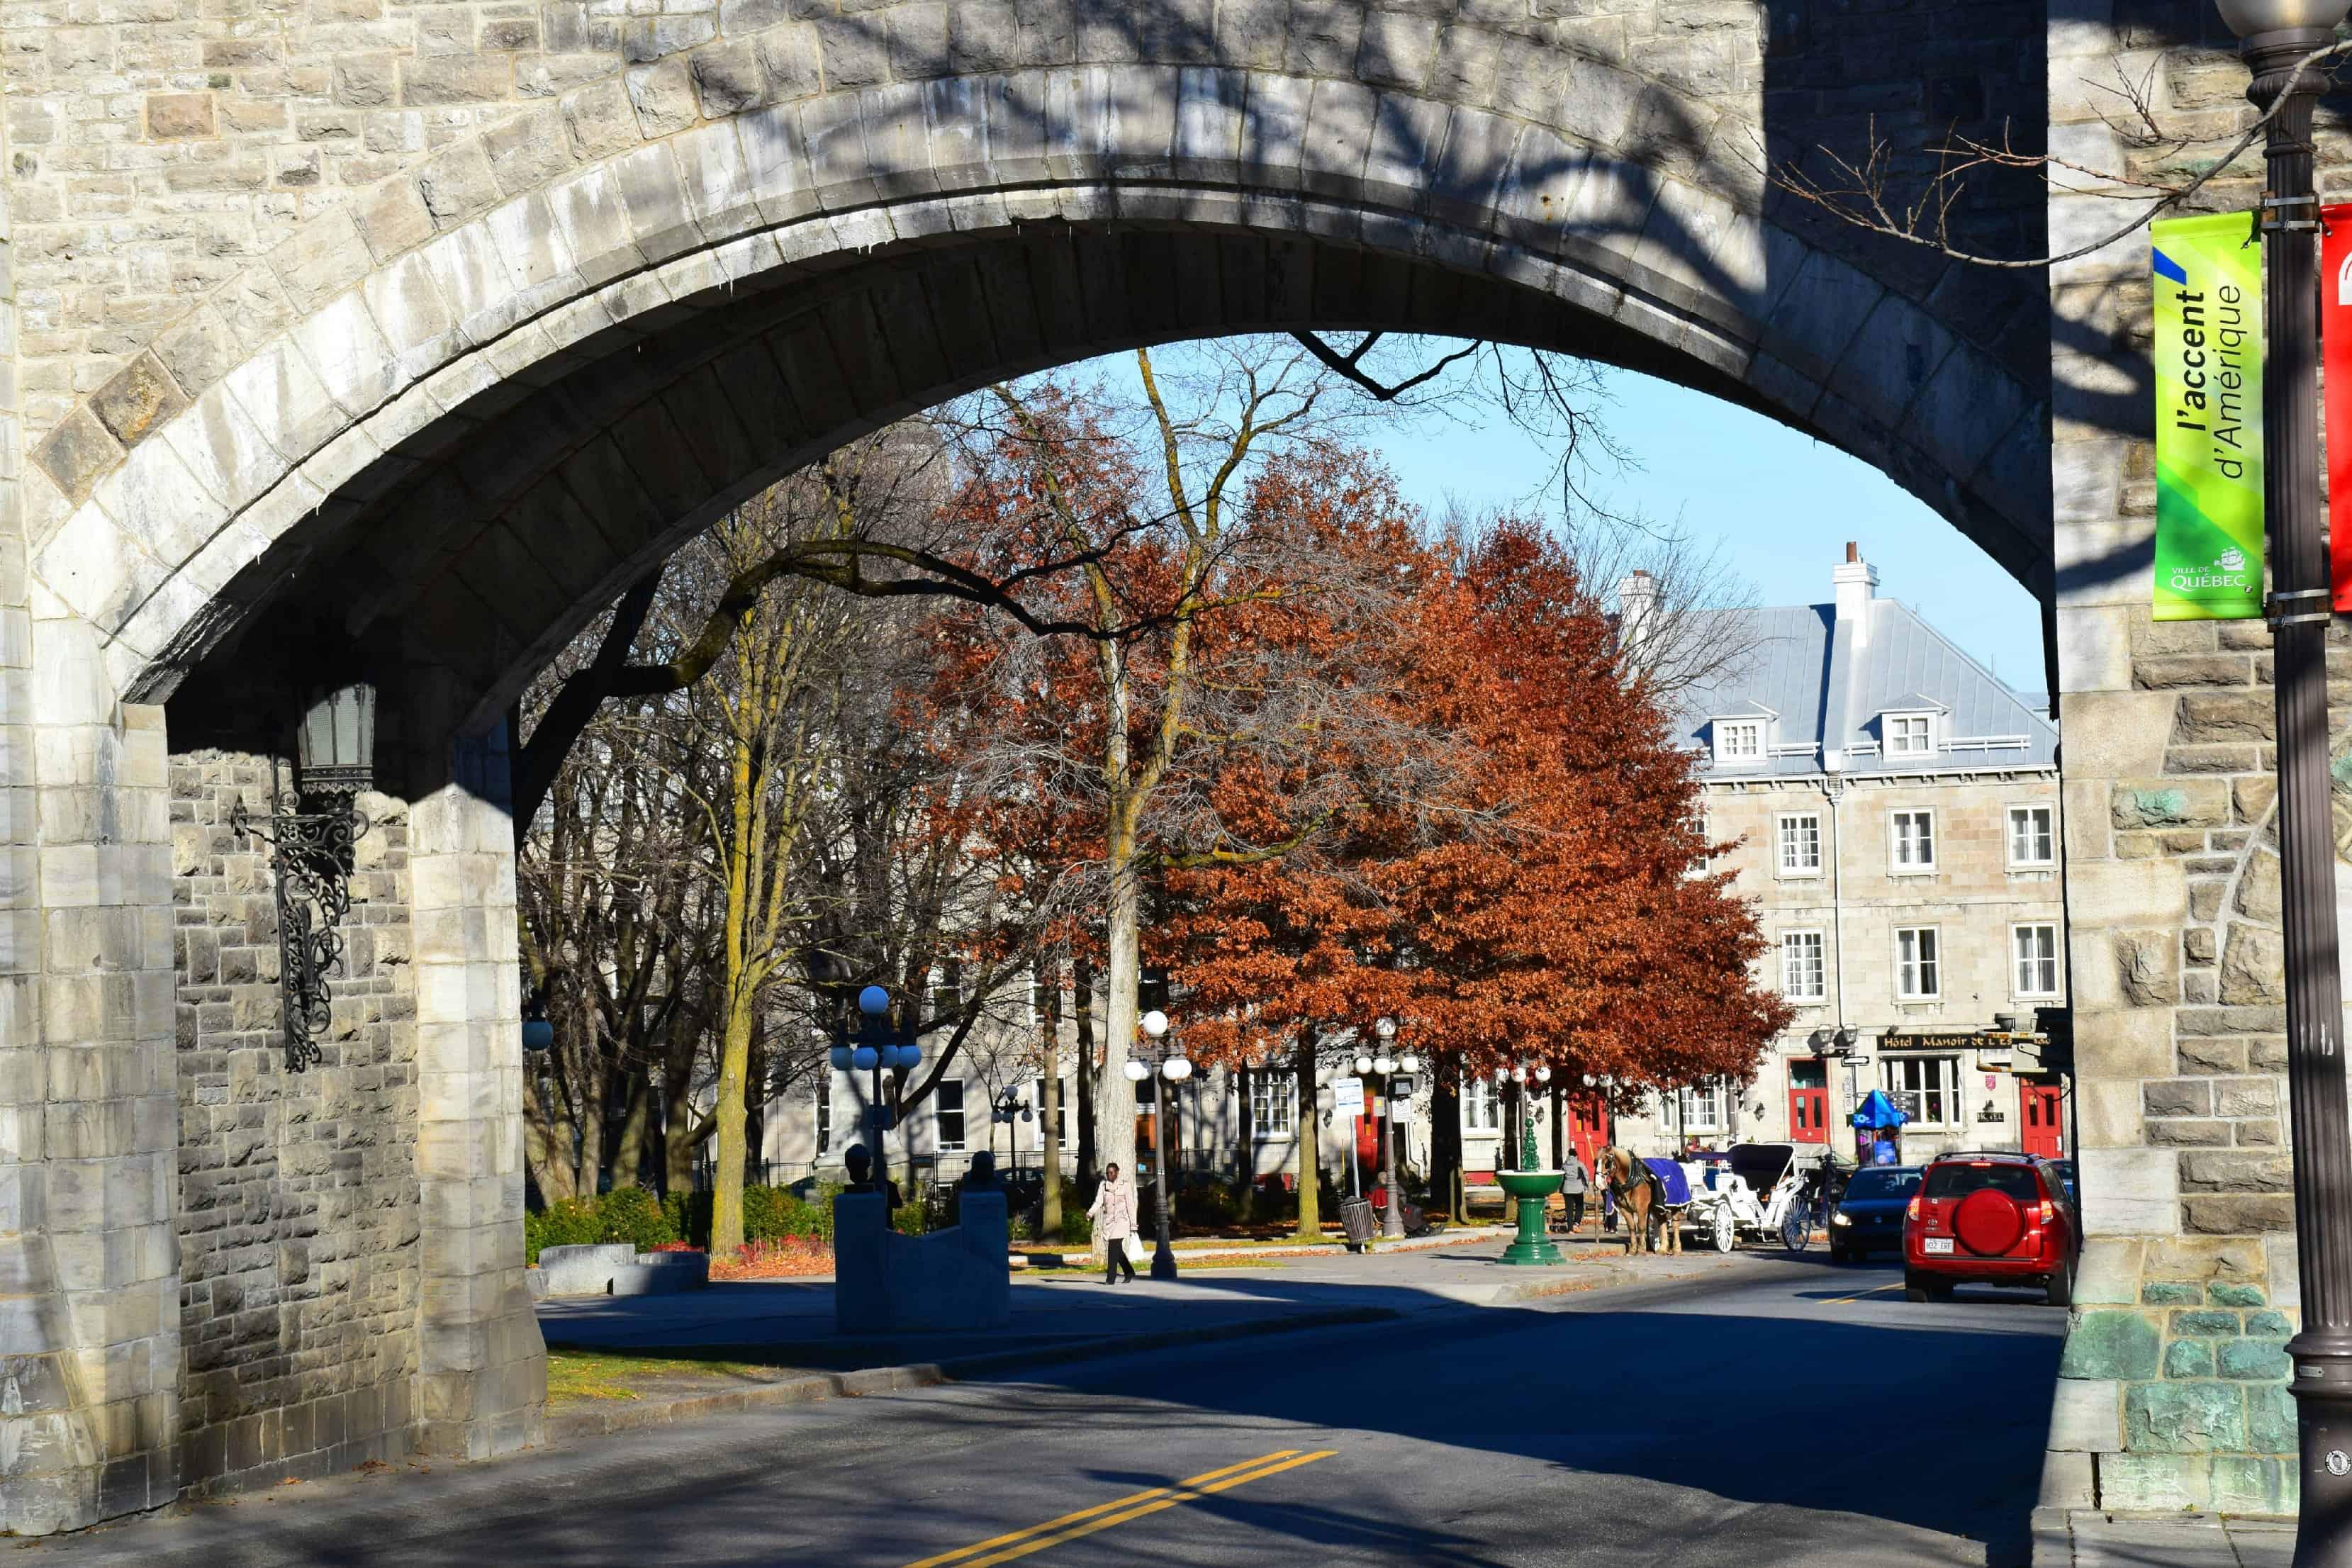 Quebec City St. Louis Gate